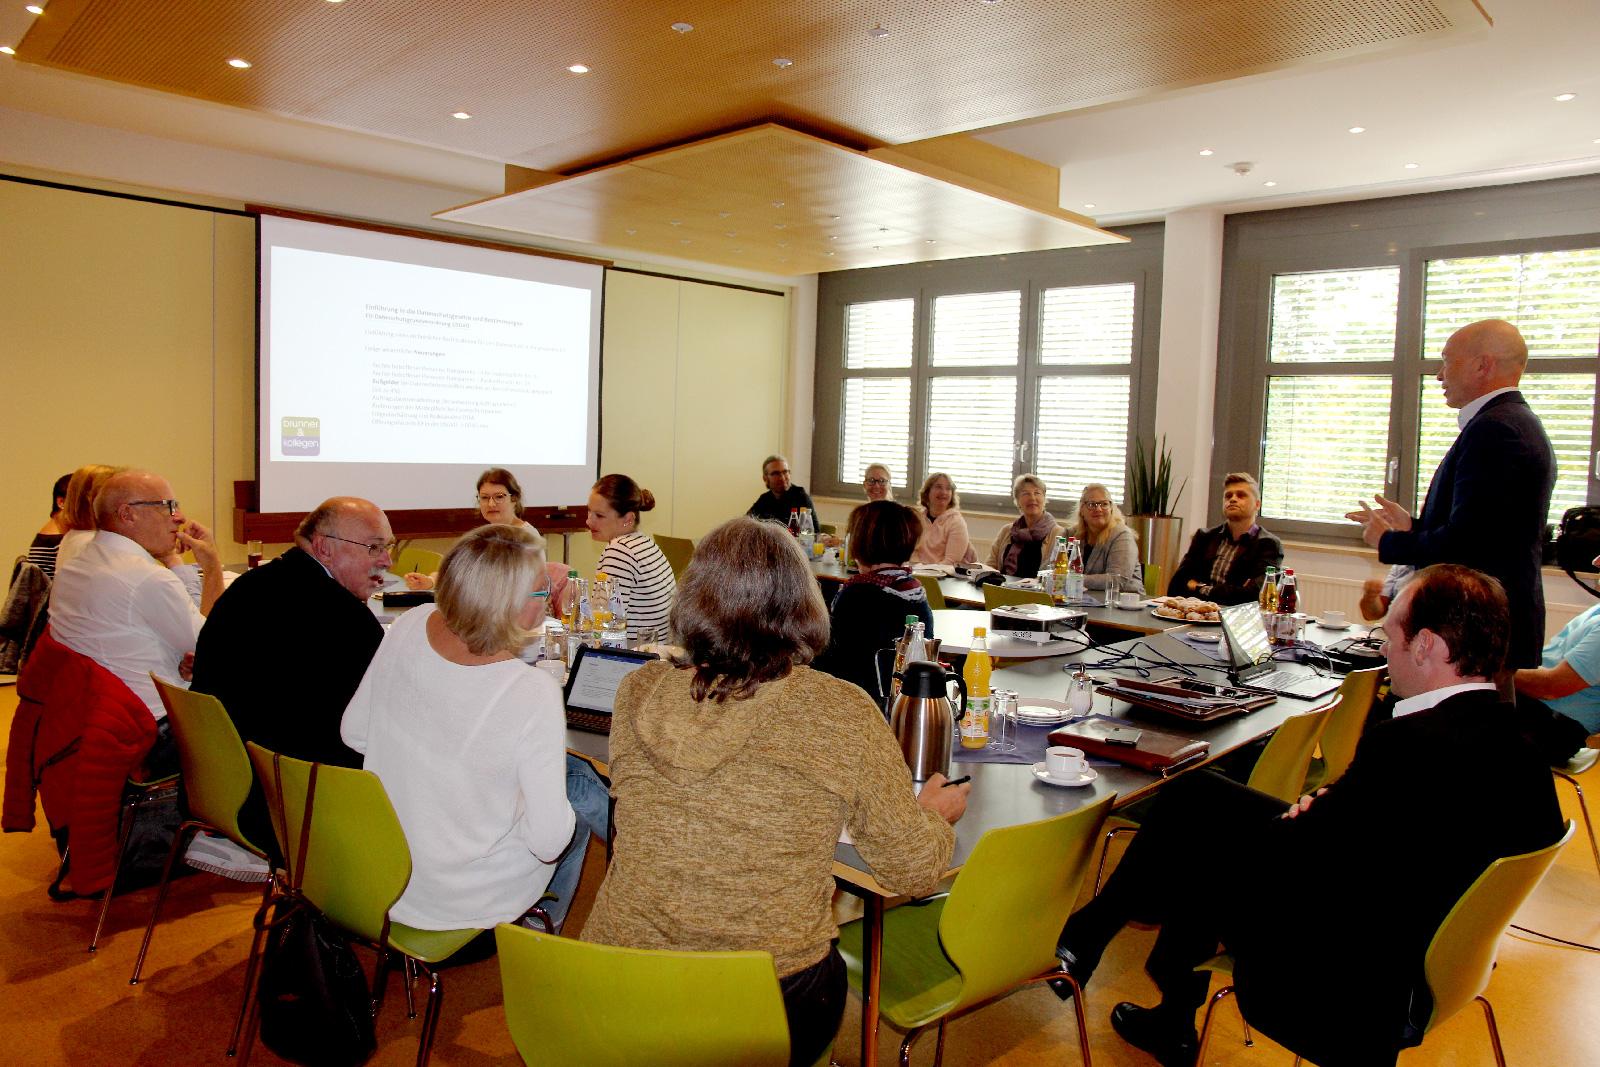 Seminar zur DSGVO: Datenschutzbeauftragter Thomas Brunner, Brunner & Schmidt, informierte jetzt das Leitungsteam der Lebenshilfe Nürnberger Land über wichtige Neuerungen.